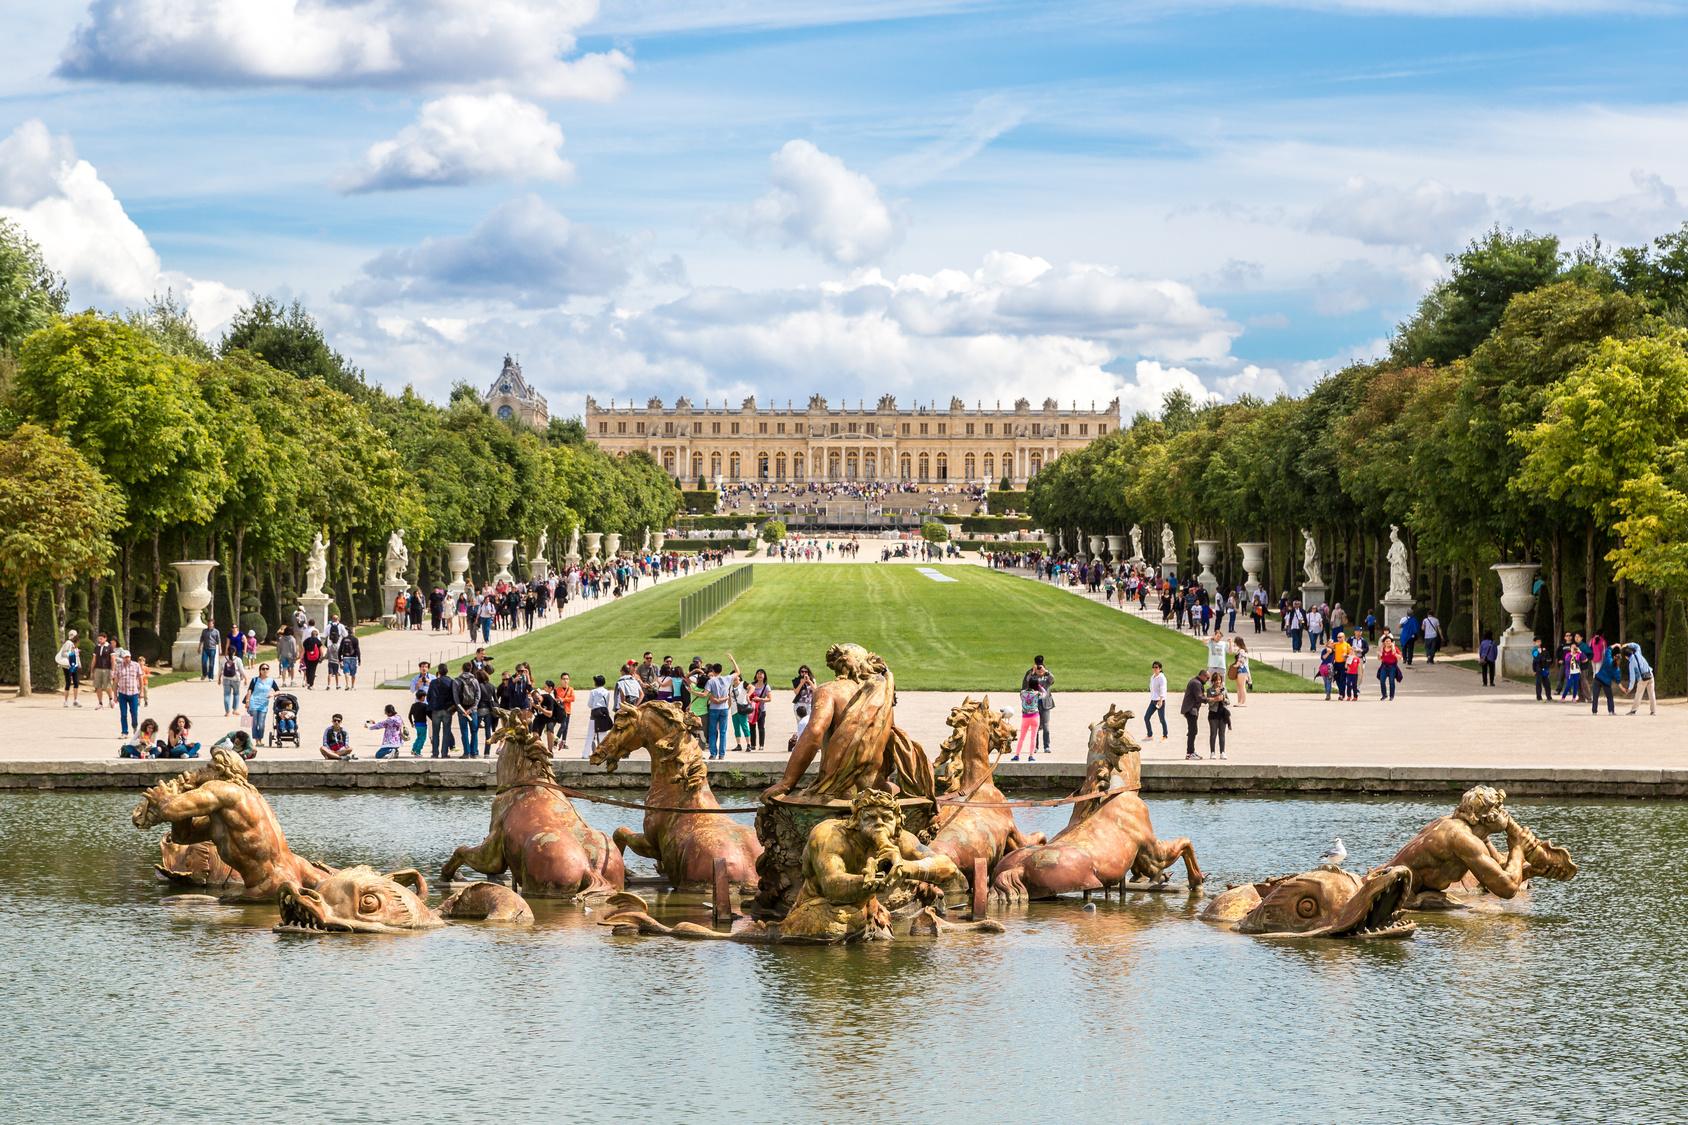 Wersal, Paryż, Francja, podróż, wymiana walut, Ekantor.pl